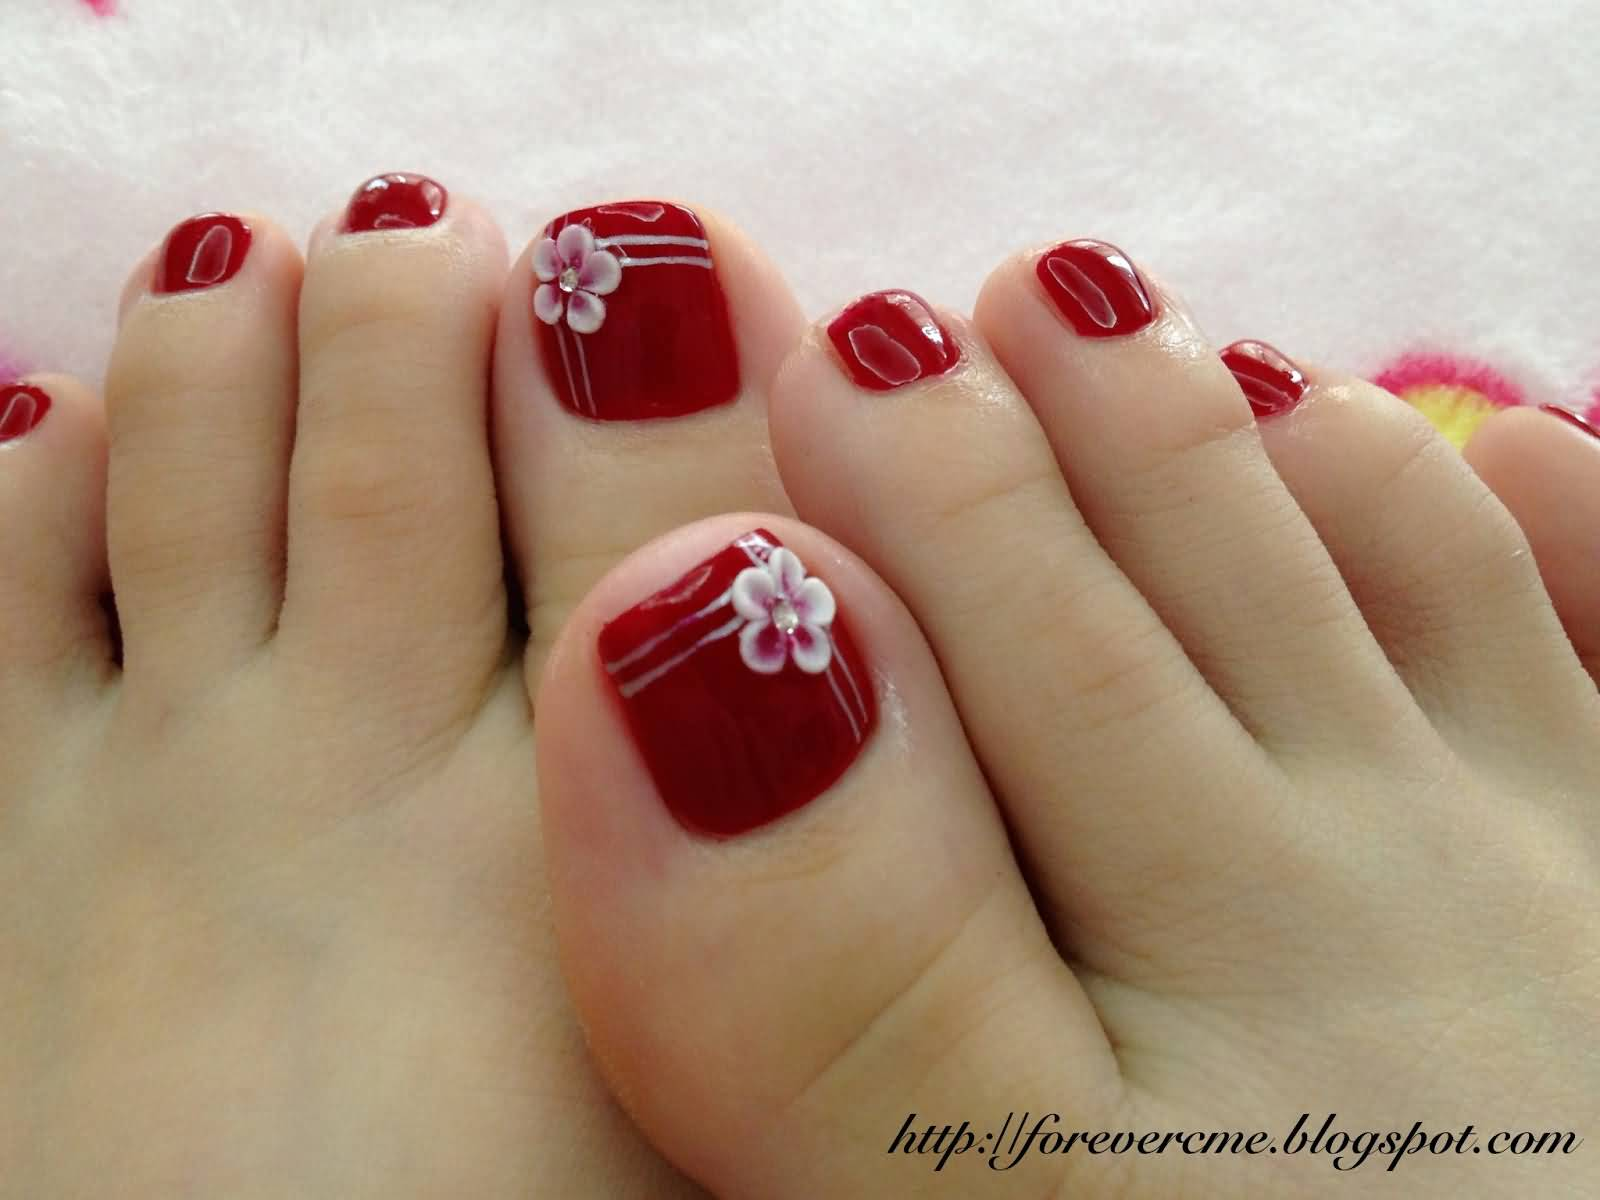 50 Most Beautiful And Stylish Flower Toe Nail Art Design